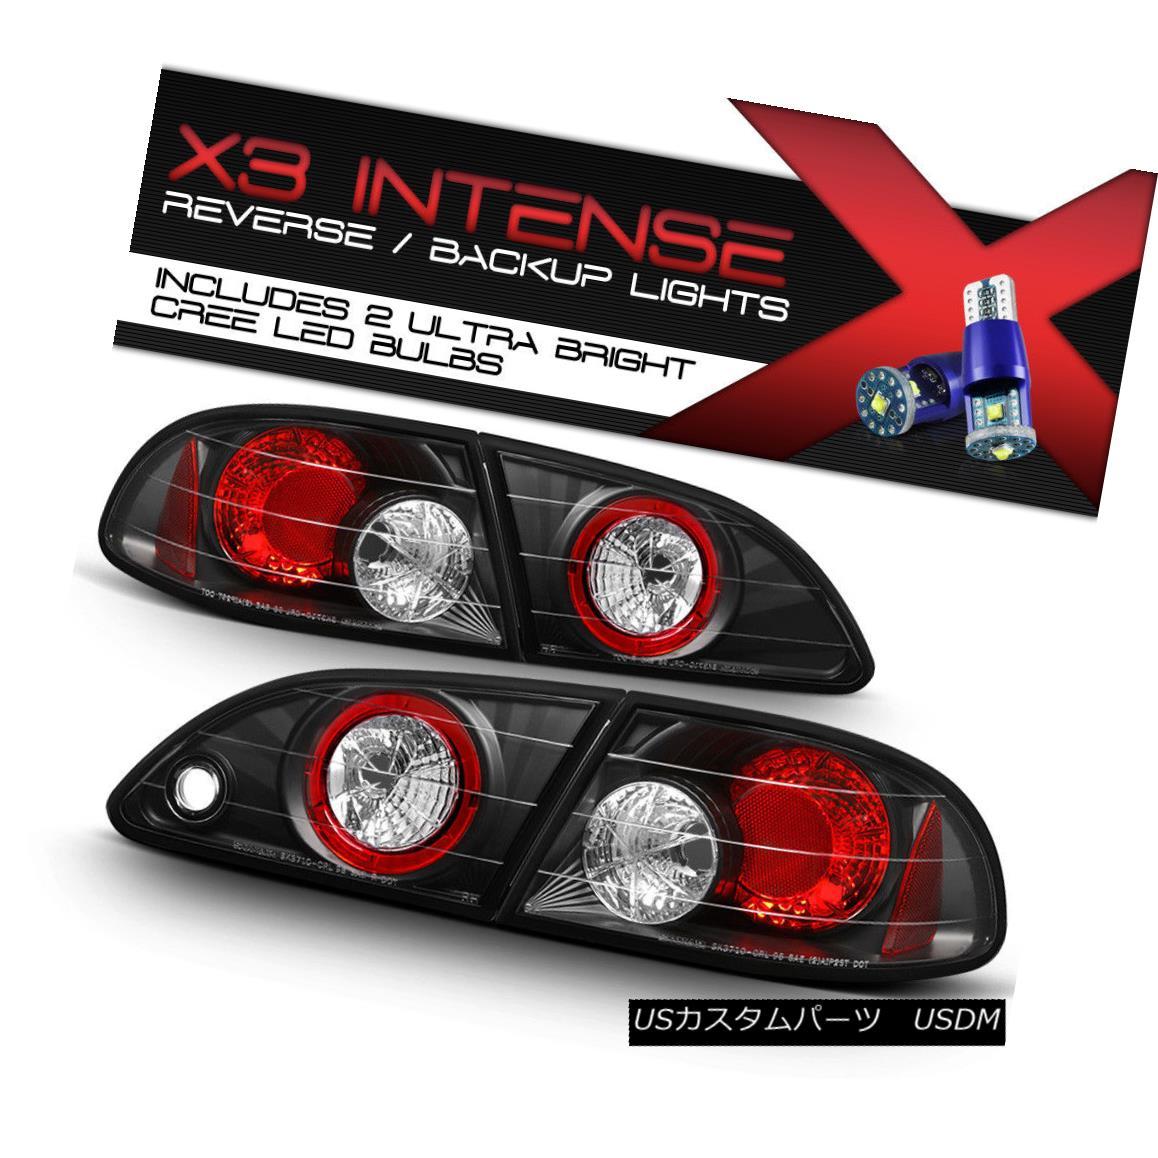 テールライト [CREE LED BACKUP] 98-02 Toyota Corolla LE/VE/S JDM Black Altezza Taillight Brake [CREE LED BACKUP] 98-02トヨタカローラLE / VE / S JDMブラックAltezzaテールライトブレーキ